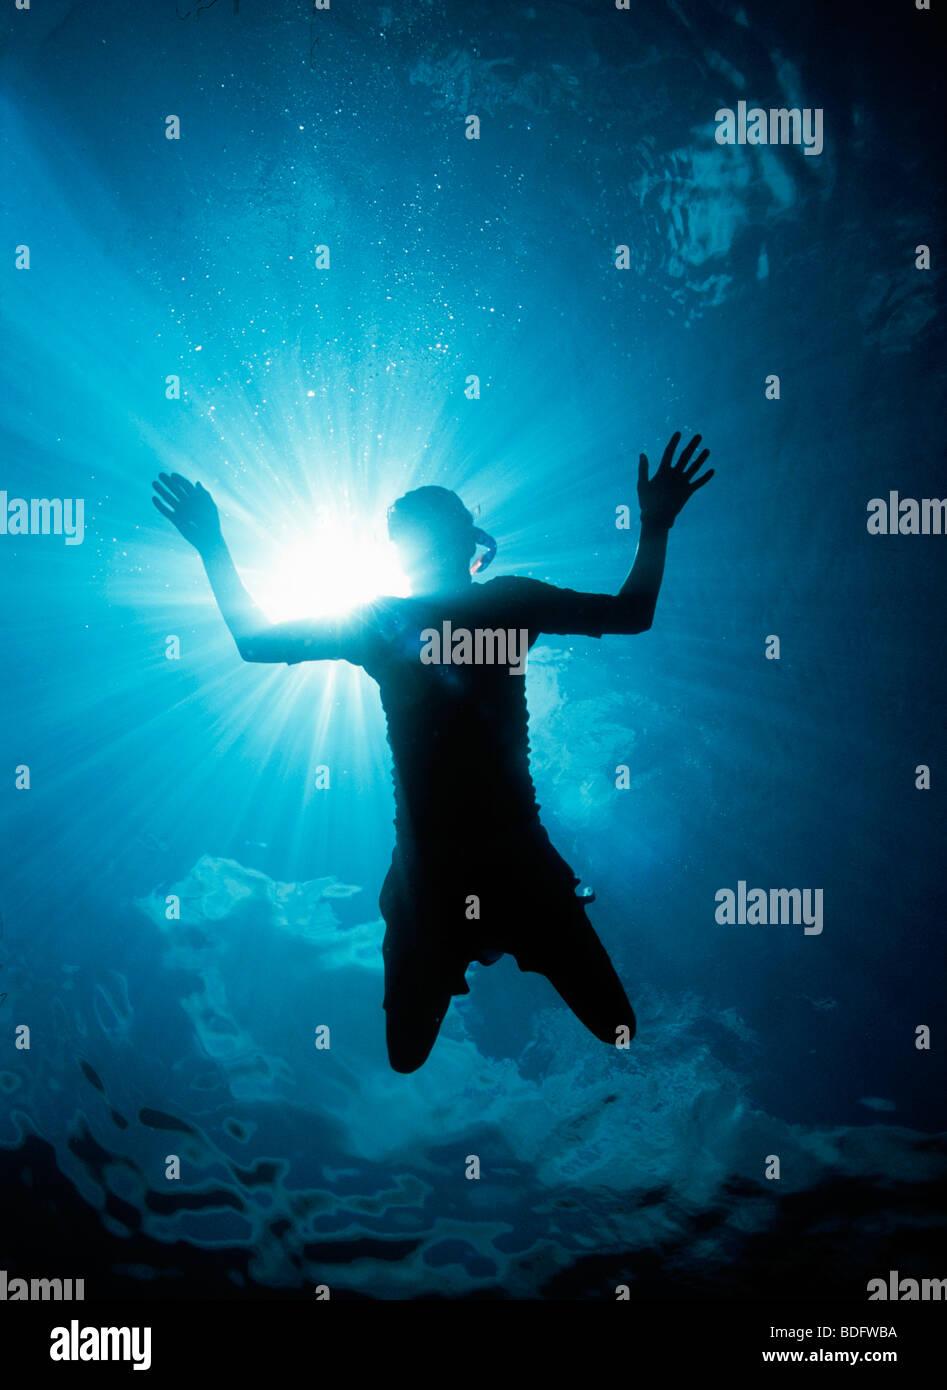 Underwater snorkeler Photo Stock